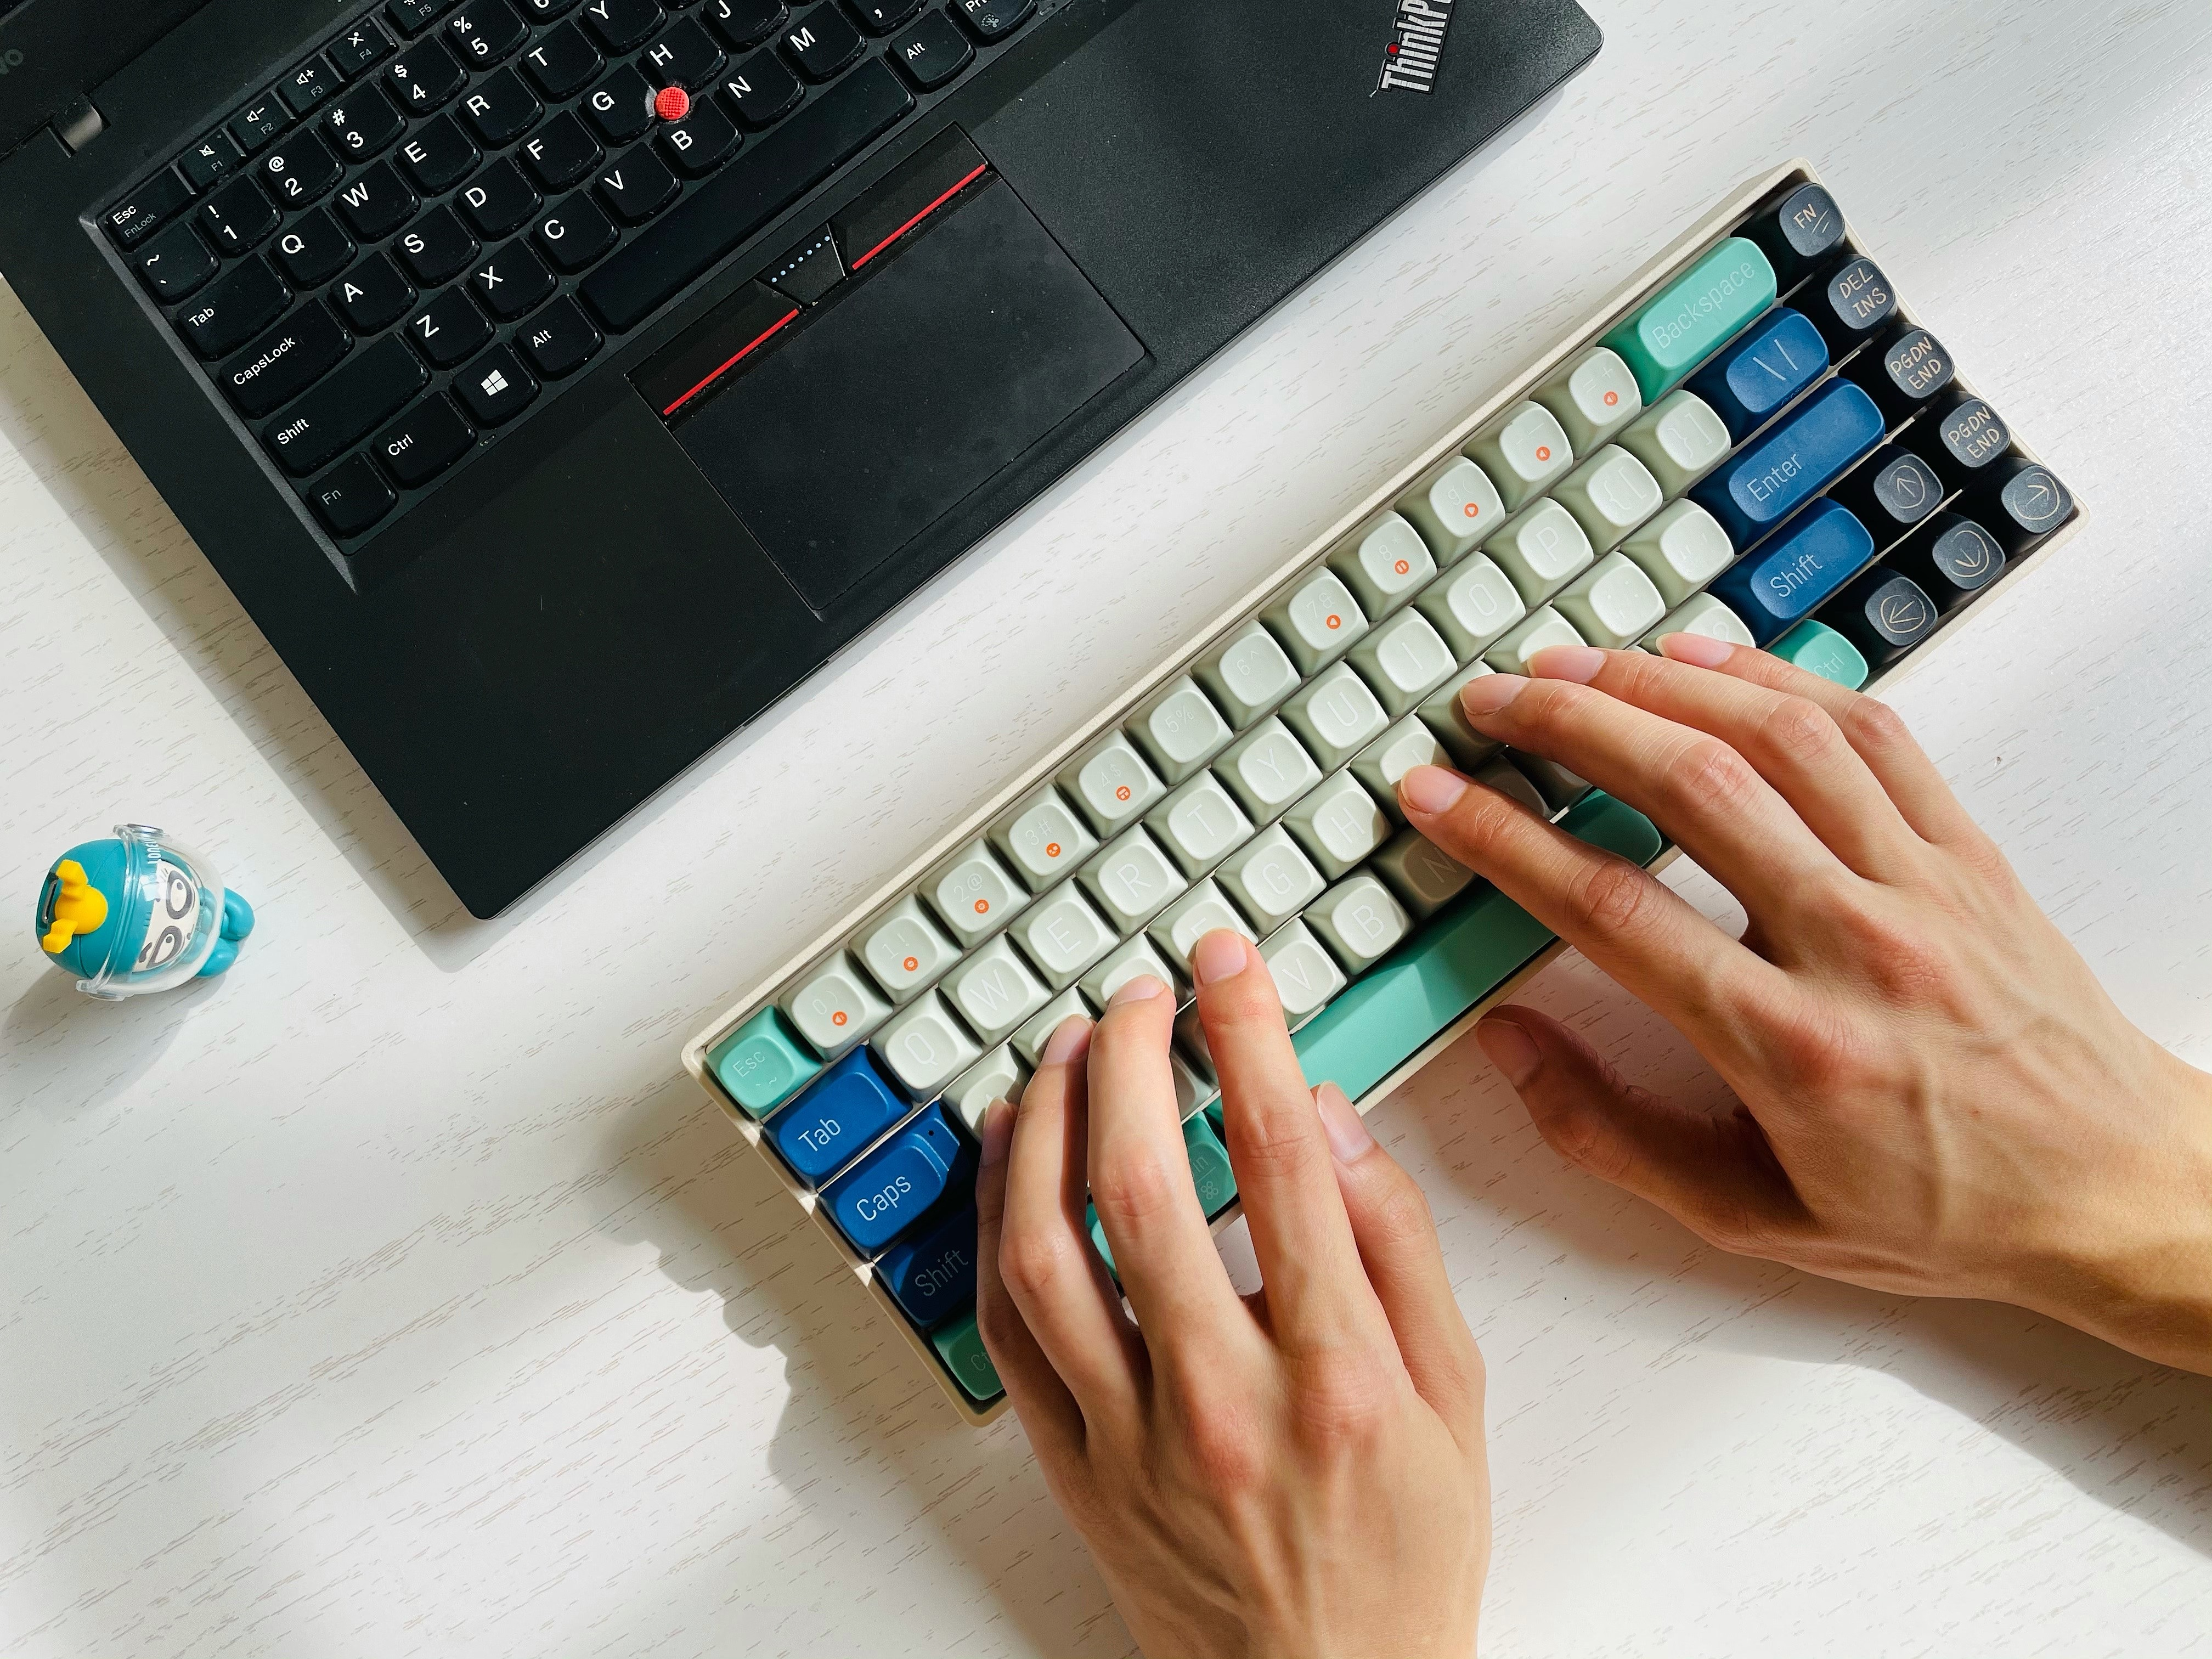 有颜值、有个性、就是玩——洛斐小翘机械键盘